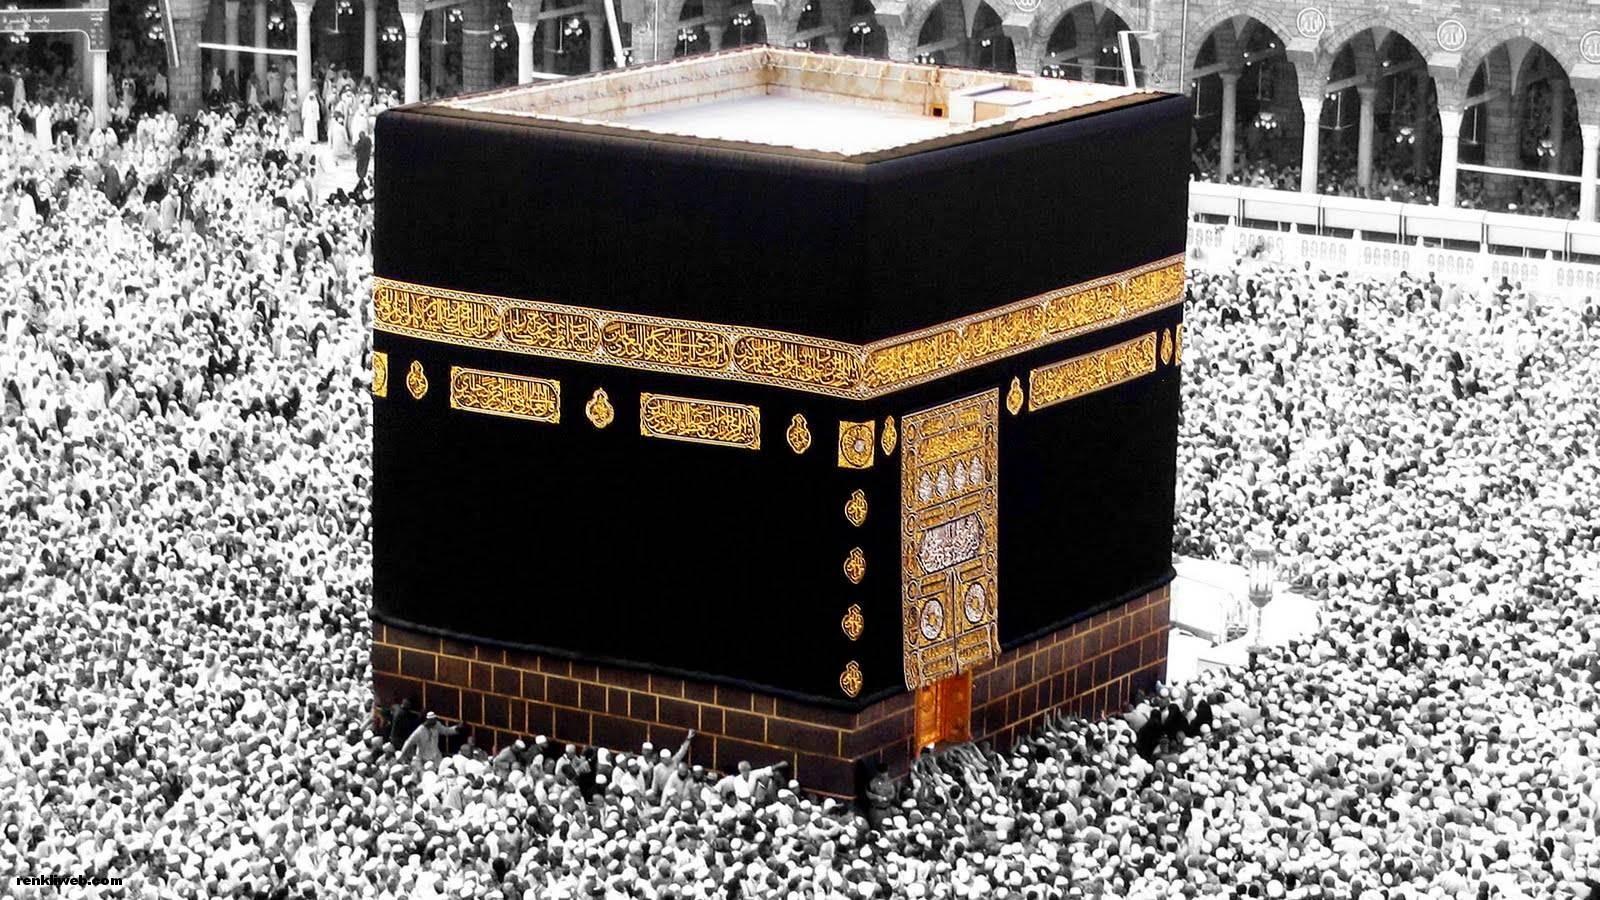 Son peygamber Hazreti Muhammed hayatını kaybetti. (Hicri,13 Rebiülevvel 11) tarihte bugün